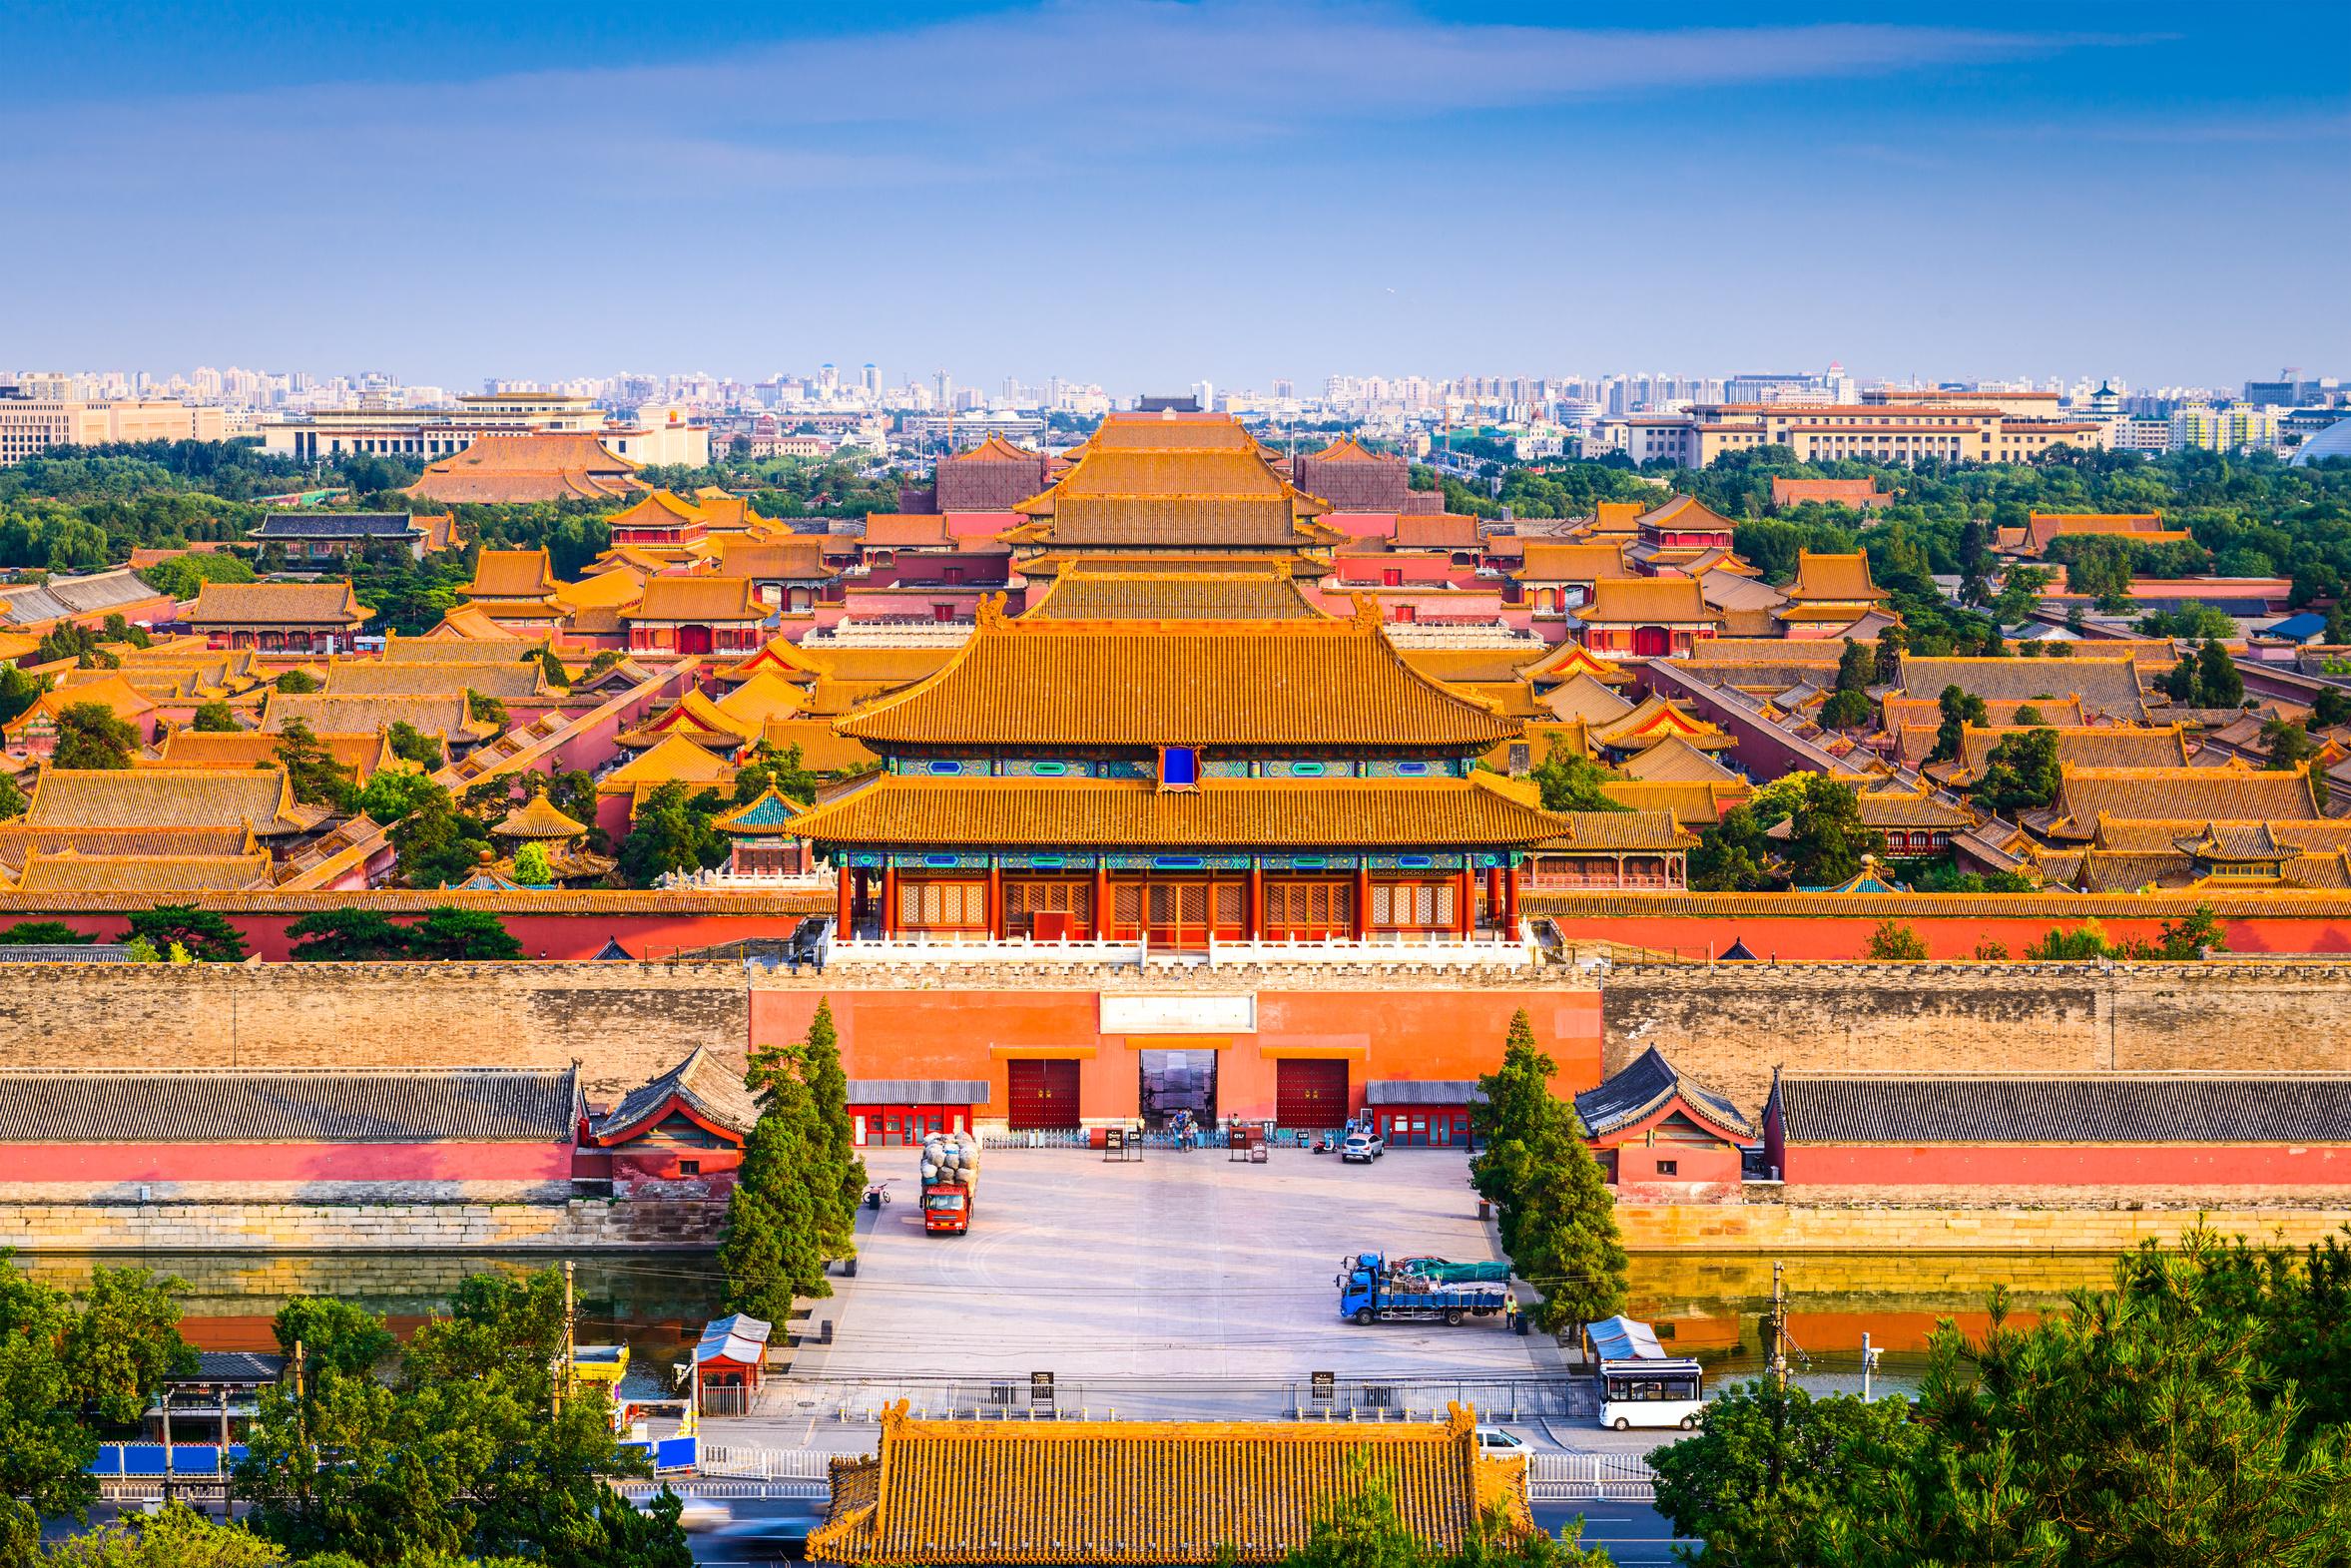 北京城的故事:百花深處是我家| 天人合一| 歷史文化名城| 大紀元